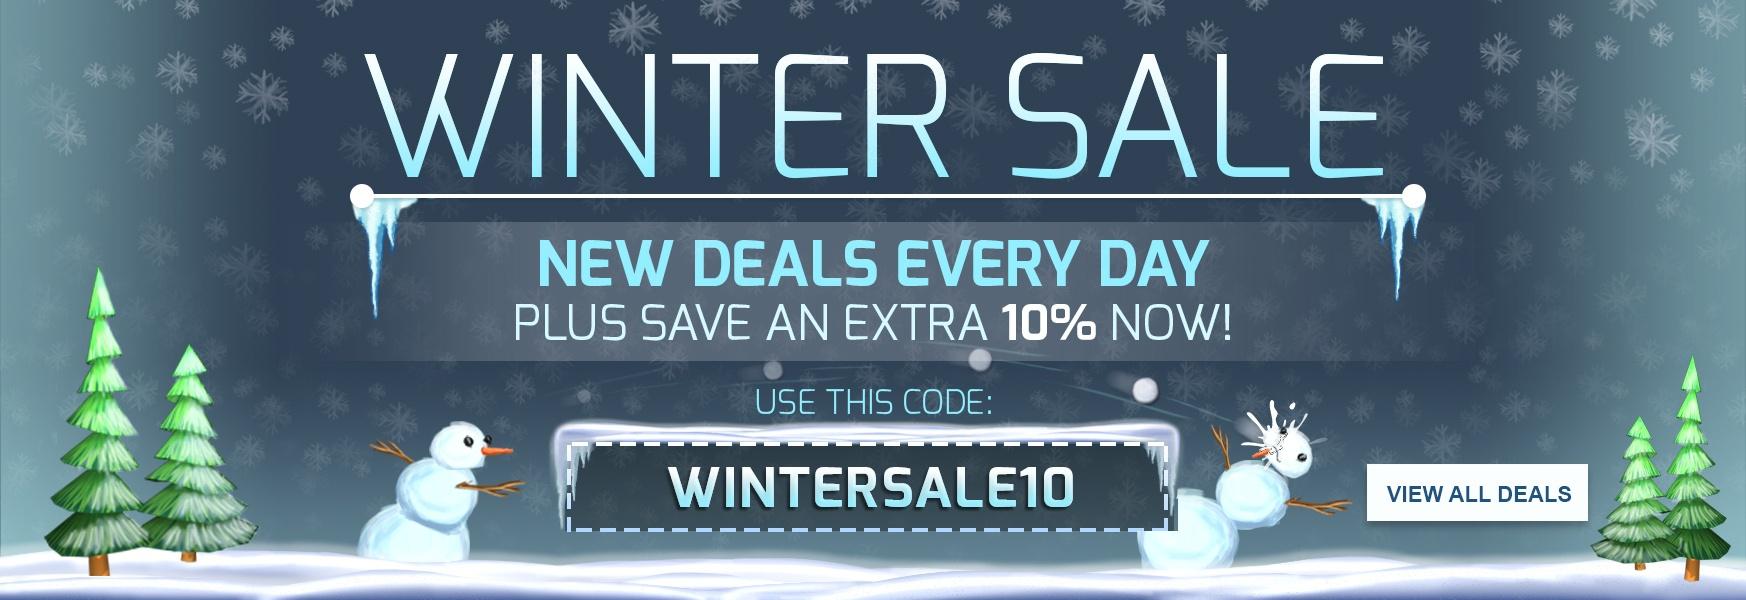 BundleStars Winter Sale Encore, z.B. Darksiders Warmastered Edition (Steam) für 3,99 EUR, uvm.